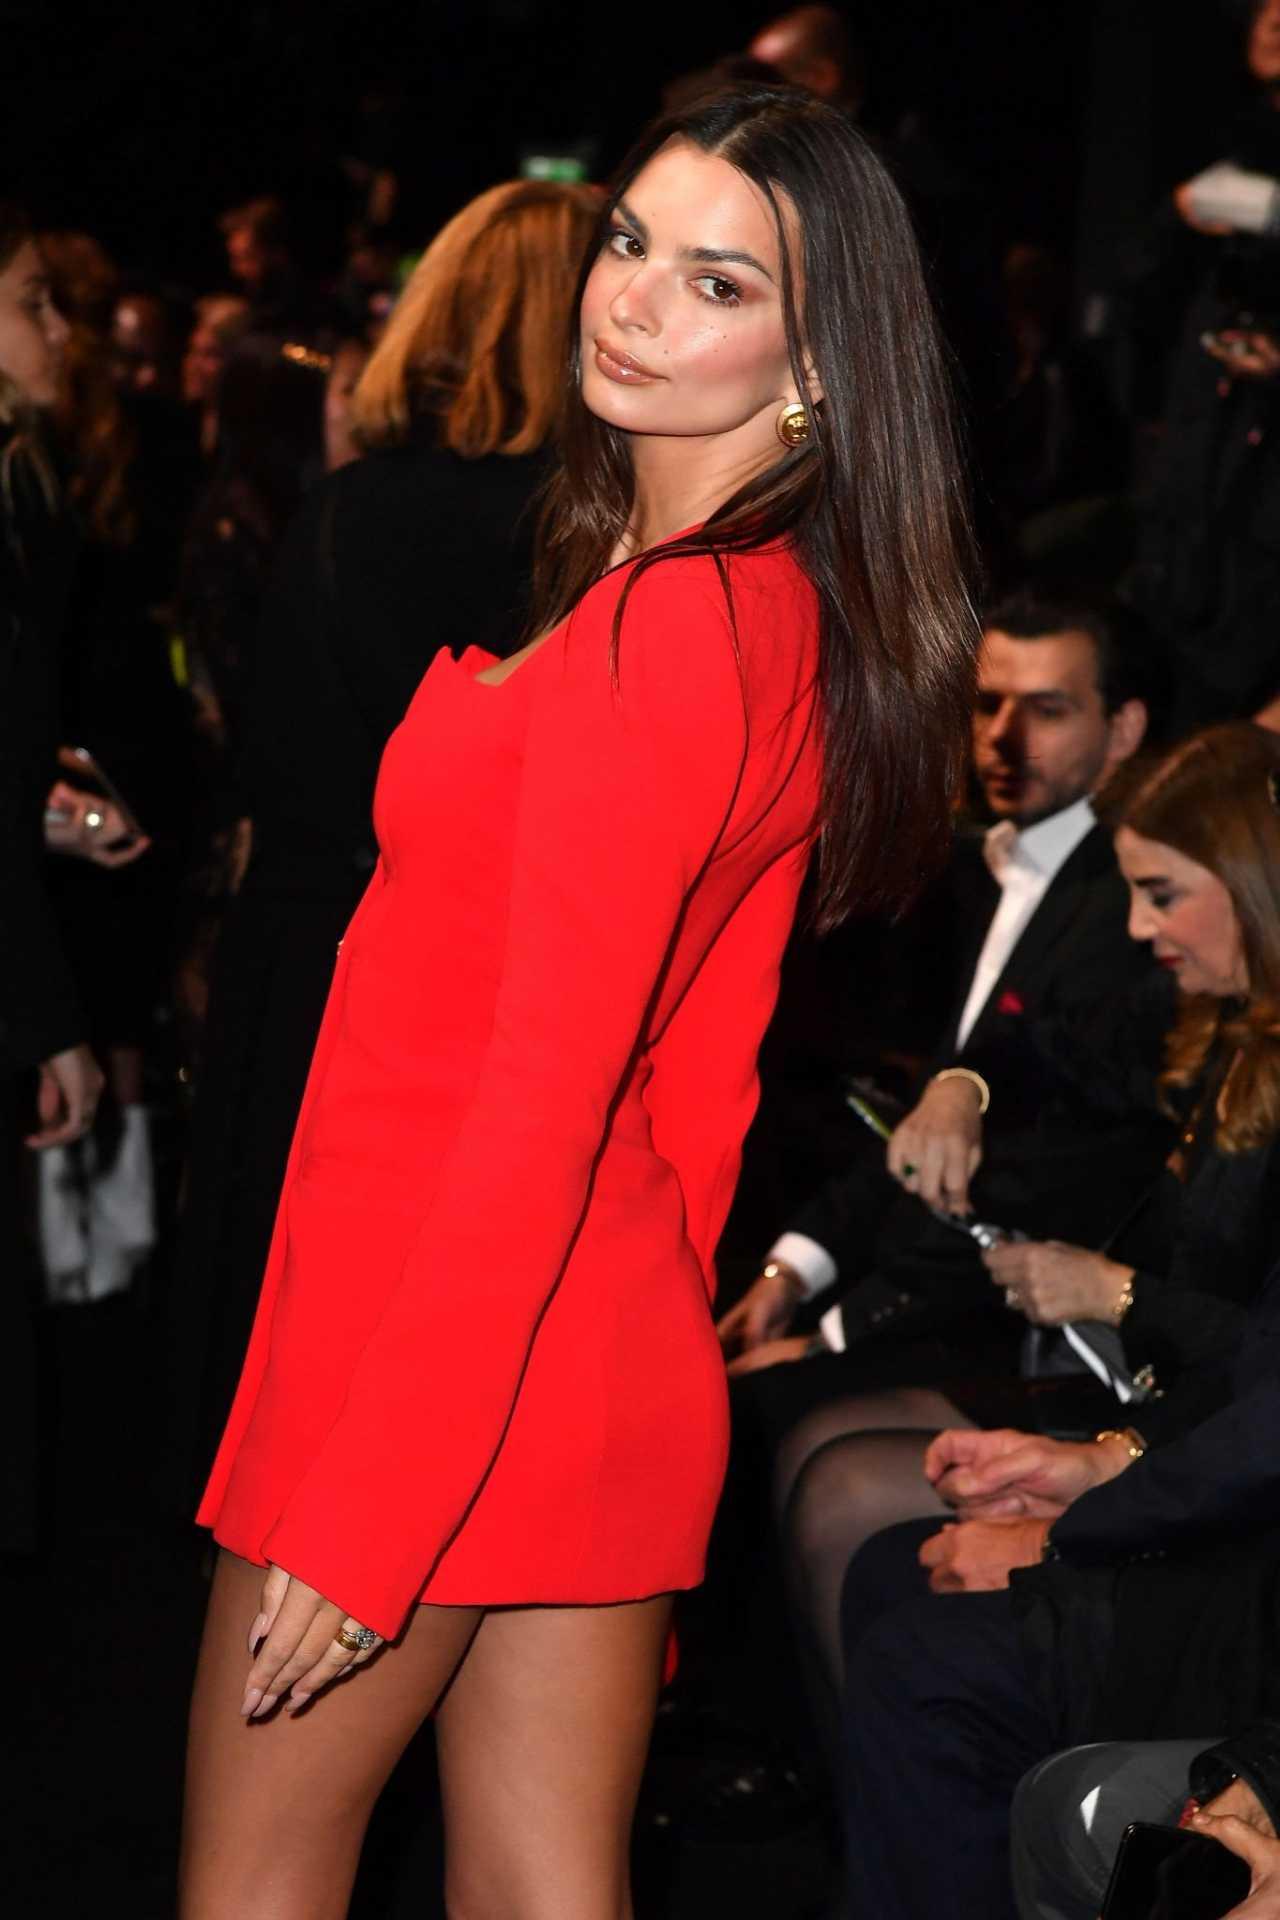 Emily Ratajkowski 2020 : Emily Ratajkowski – In red at Versace Fashion Show in Milan February-08